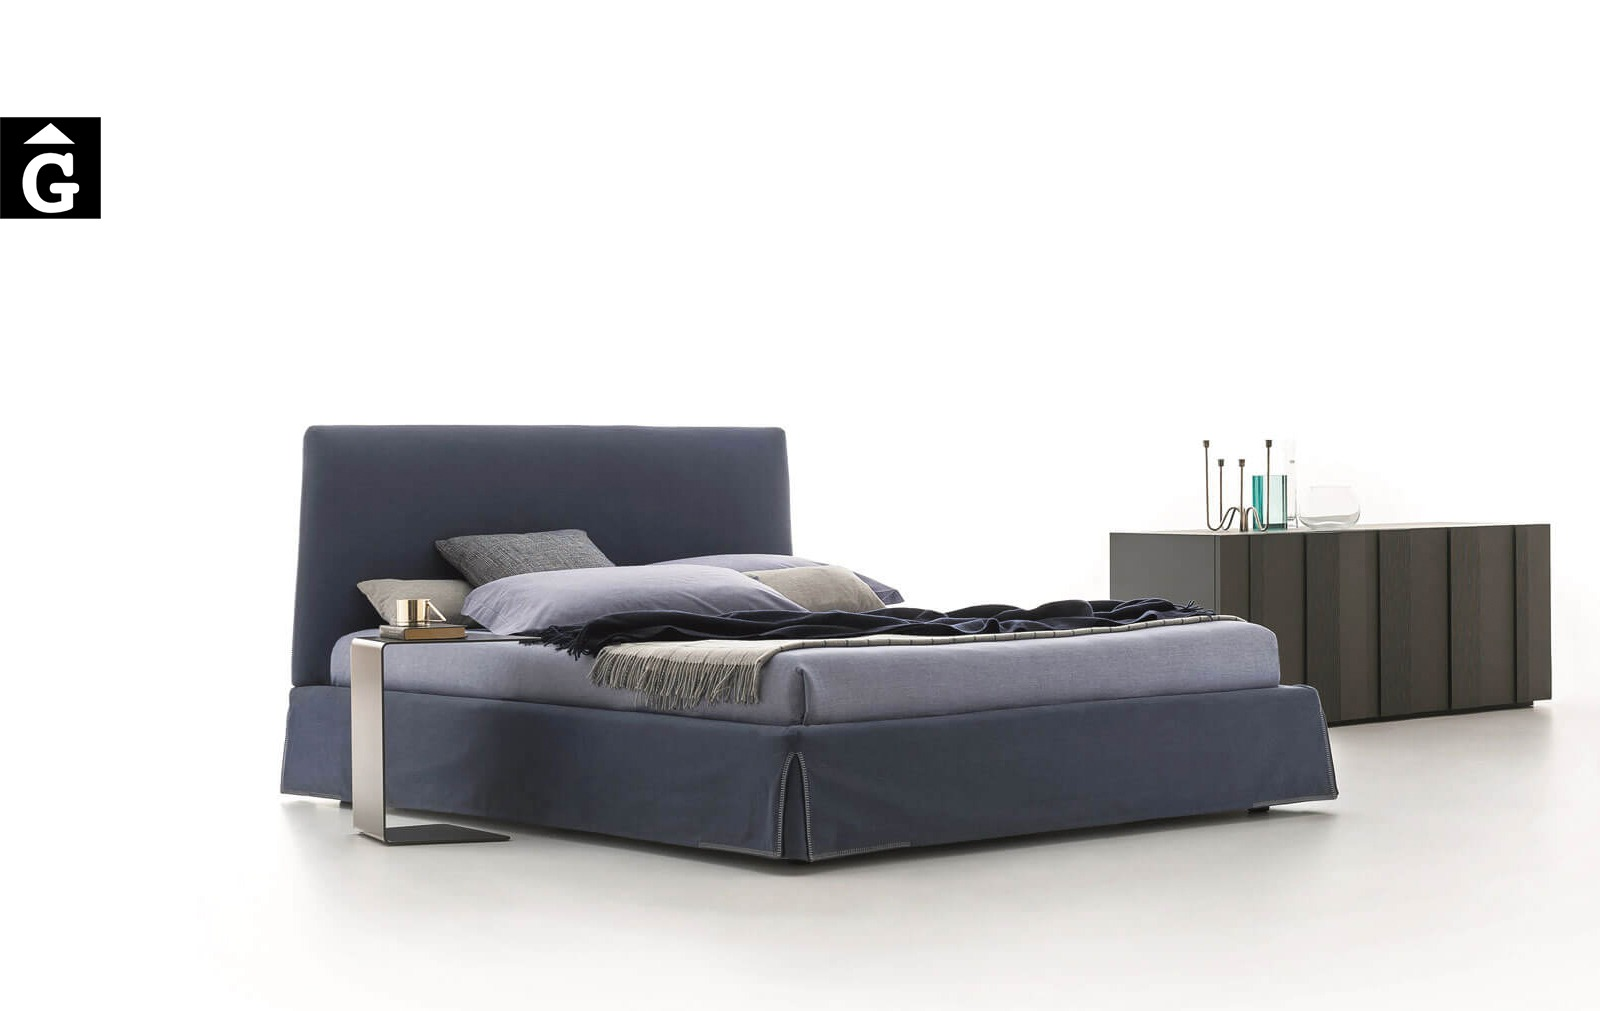 Llit entapissat Adel – Ditre Italia llits entapissats disseny i qualitat alta by mobles Gifreu